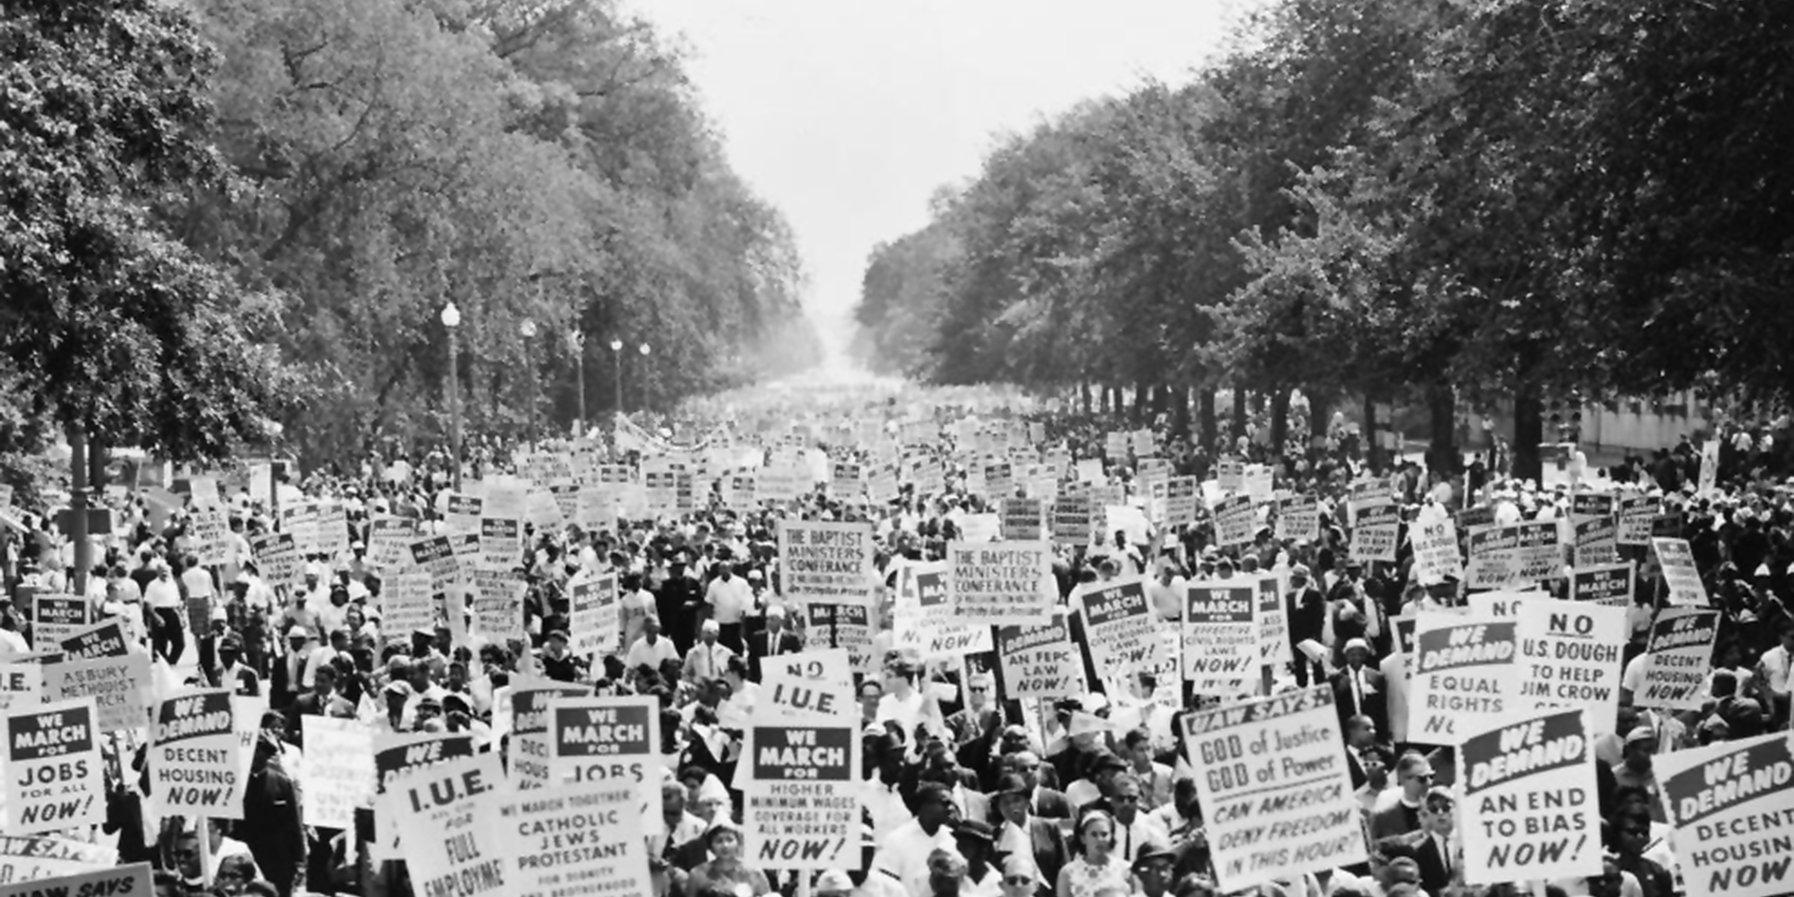 Bürgerrechtsbewegung in den USA